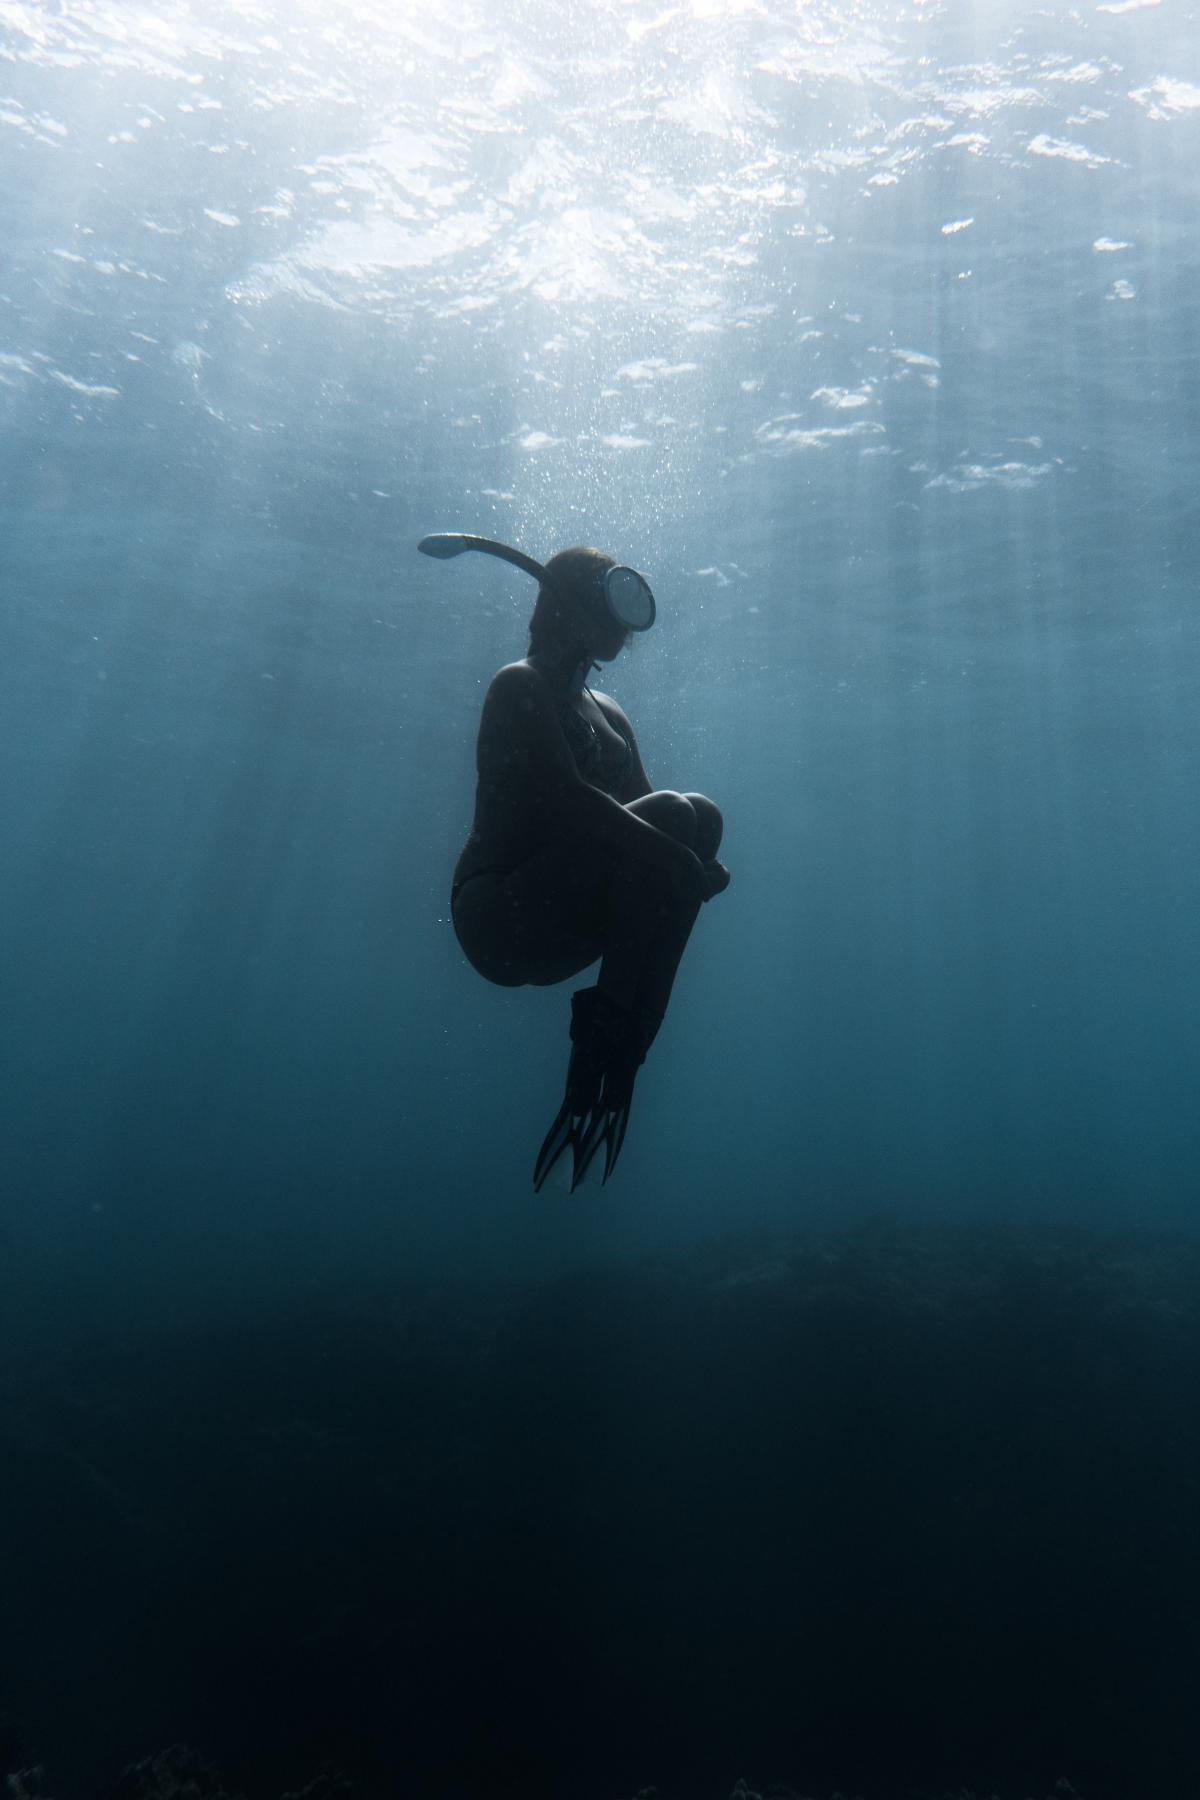 Scuba diver Diver Explorer #426363